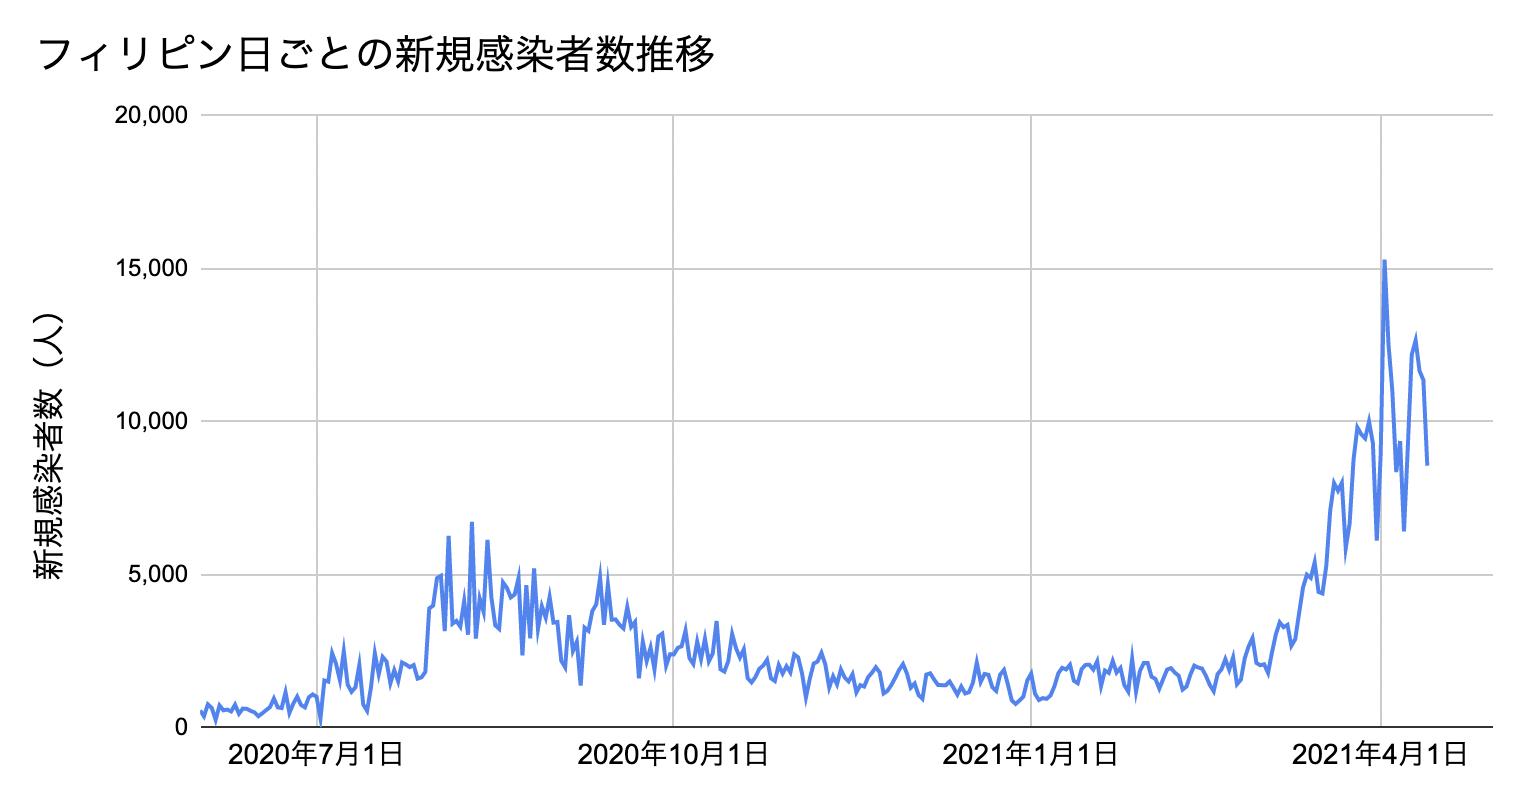 PH新規感染者数2021.4.15